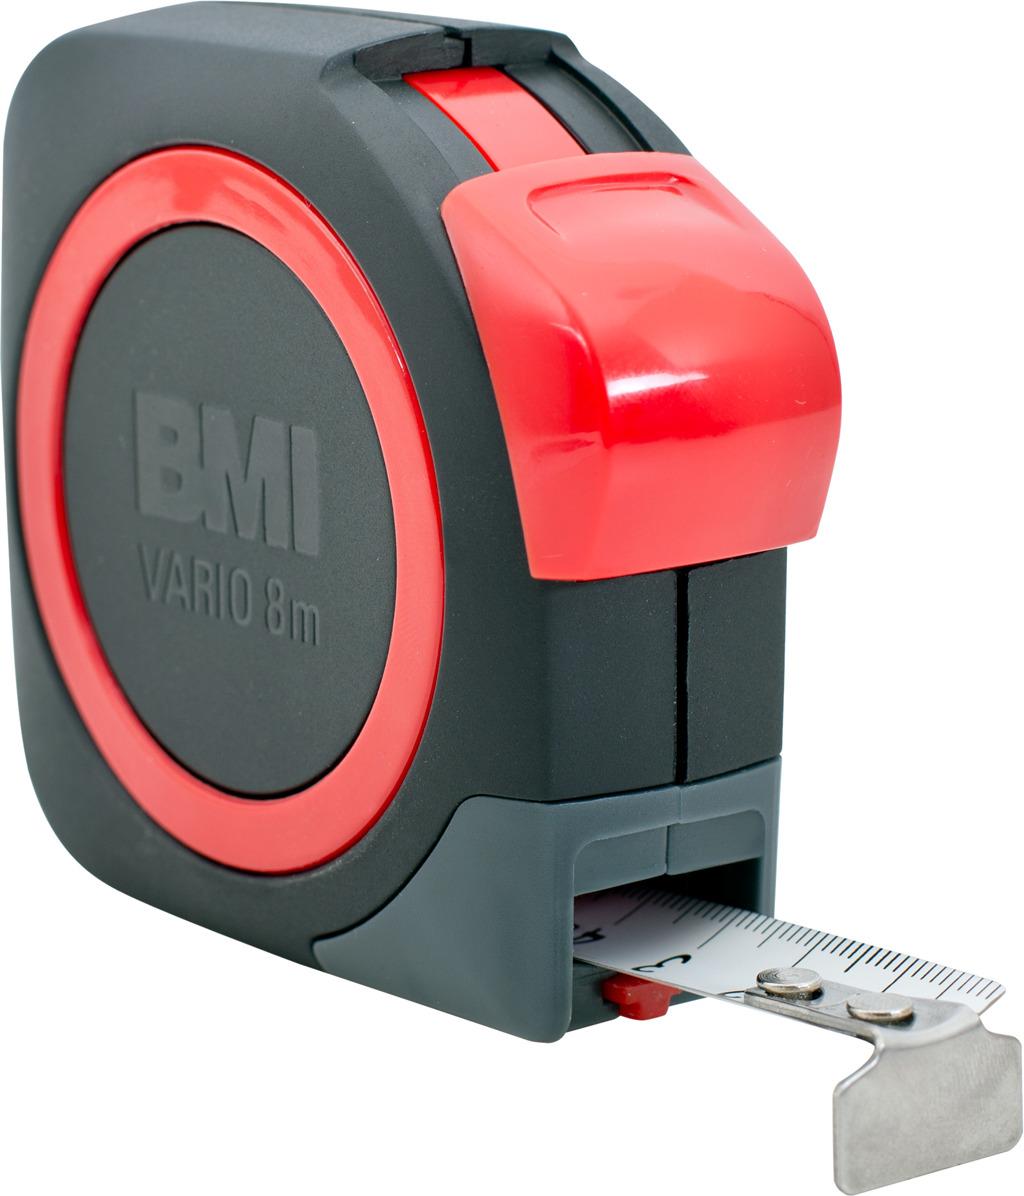 Измерительная рулетка BMI Vario, 411841120, 8 м